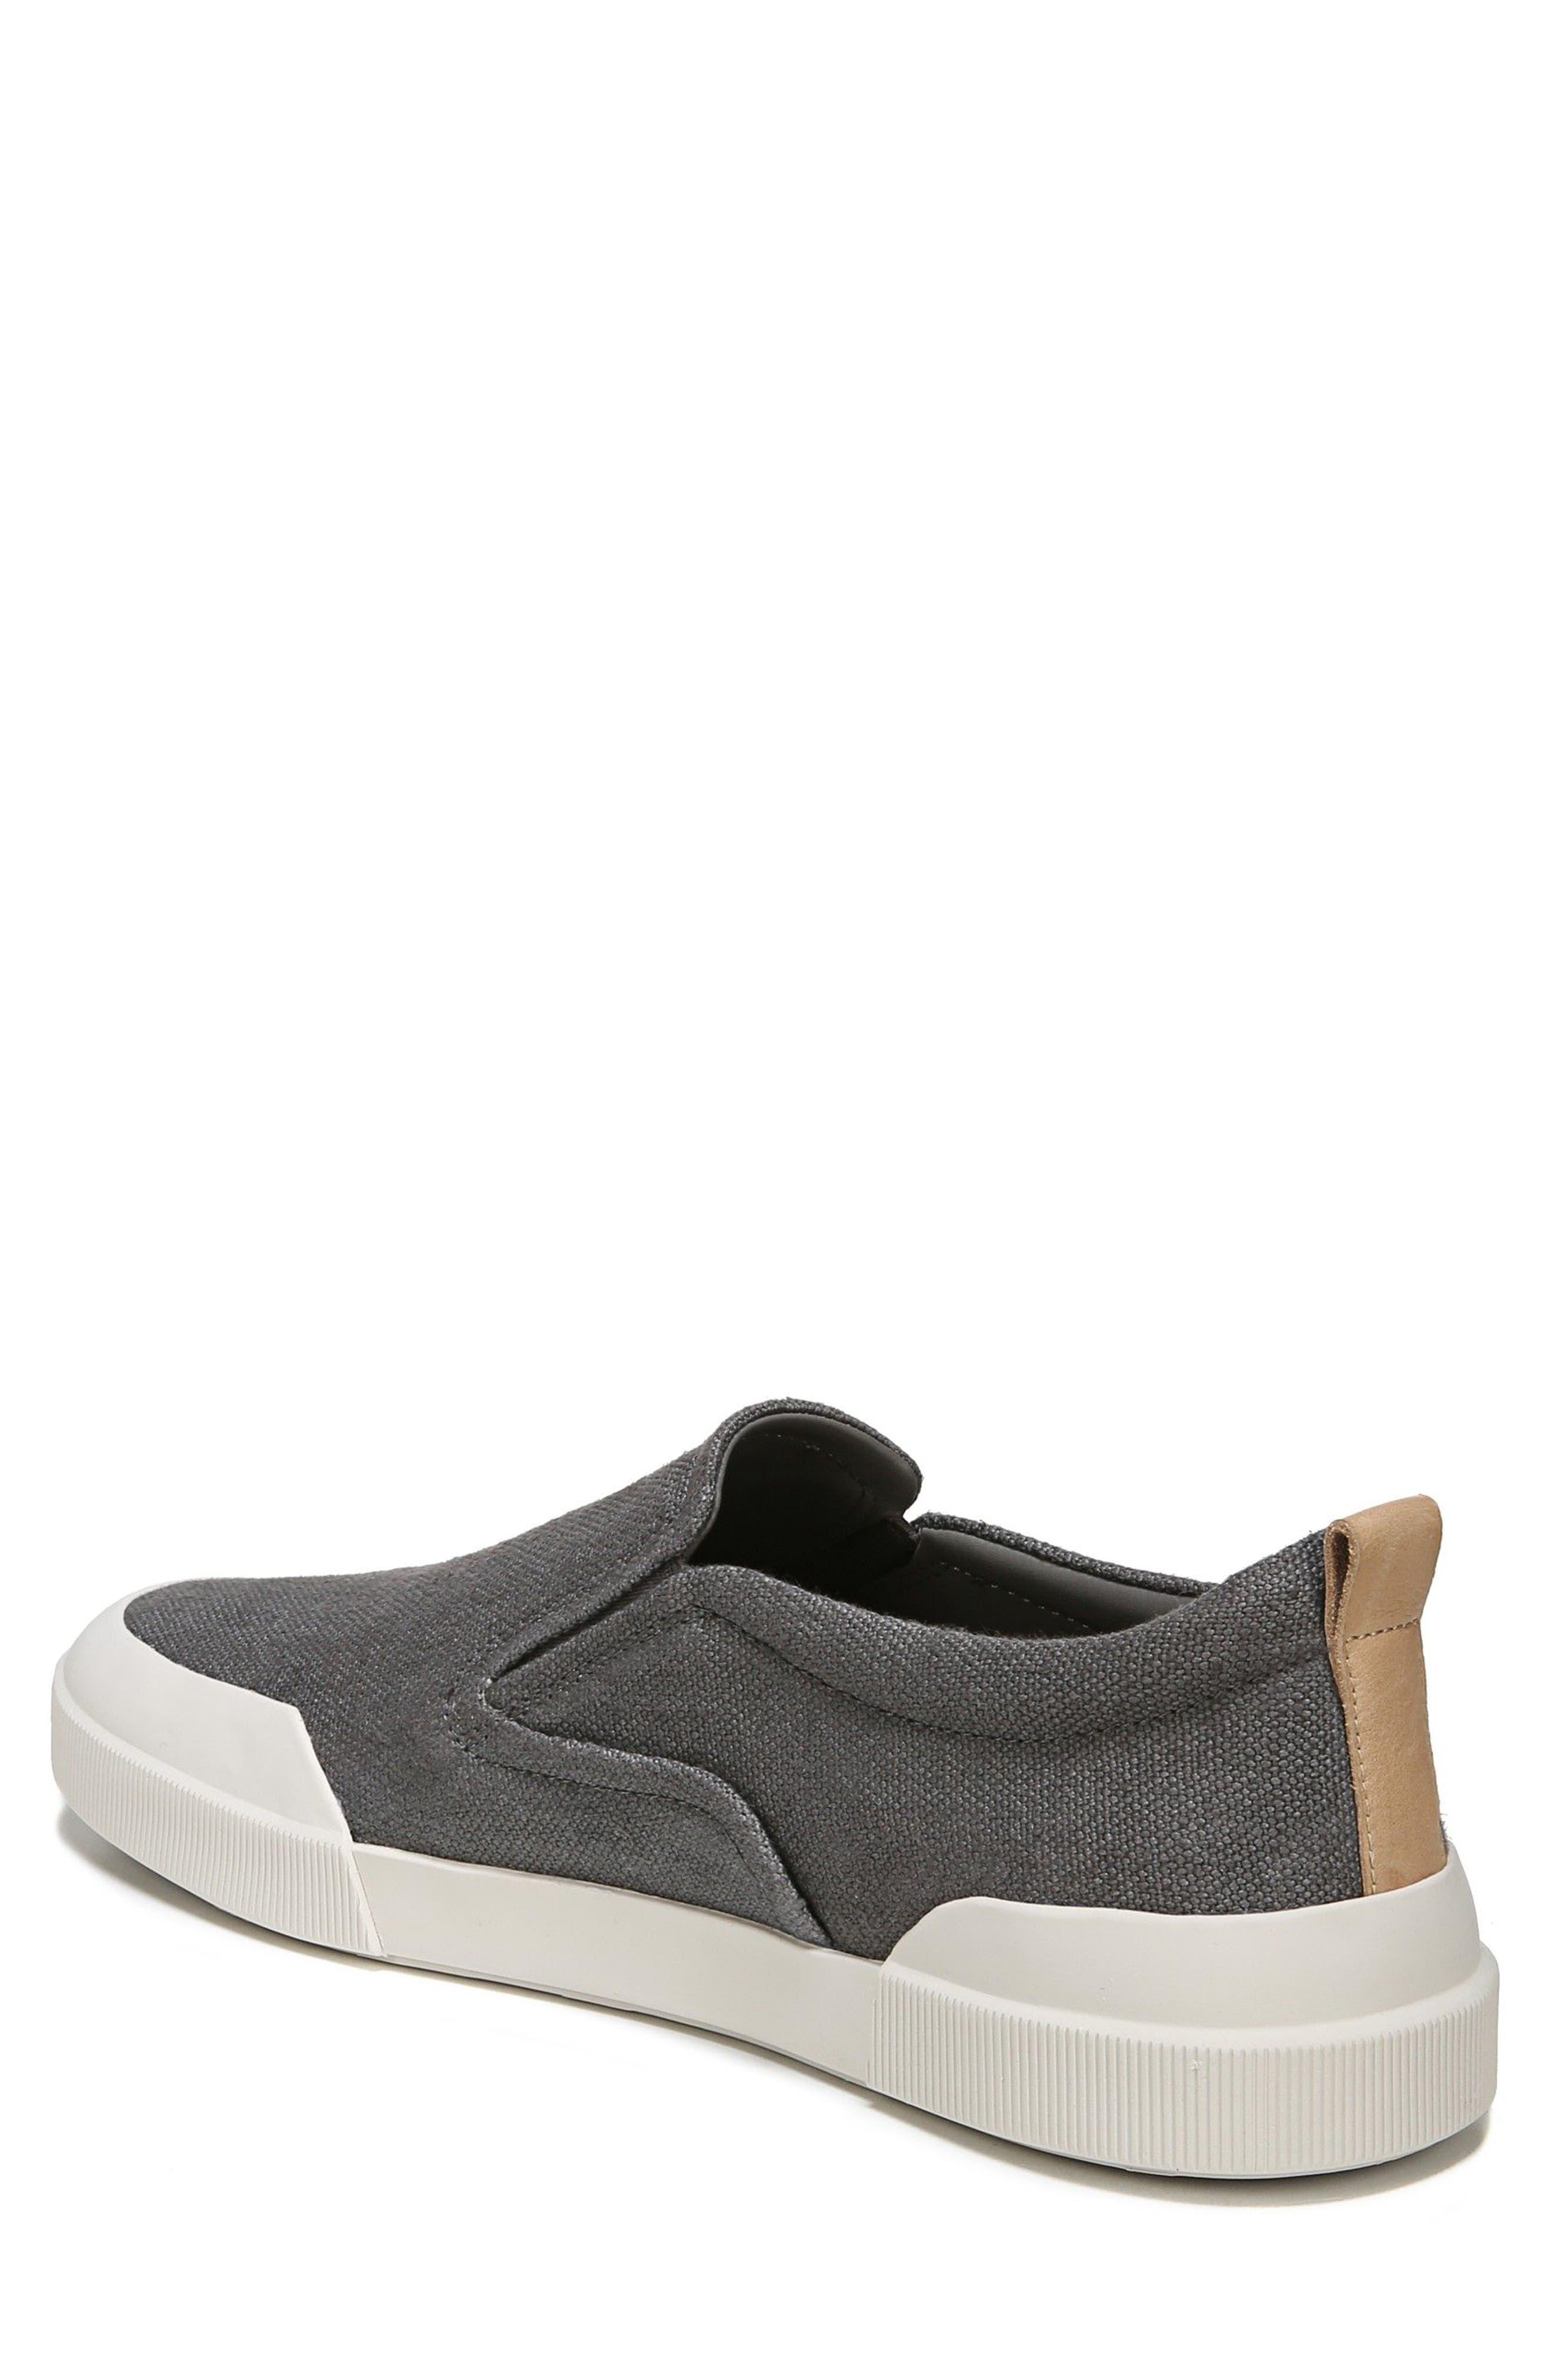 Vernon Slip-On Sneaker,                             Alternate thumbnail 5, color,